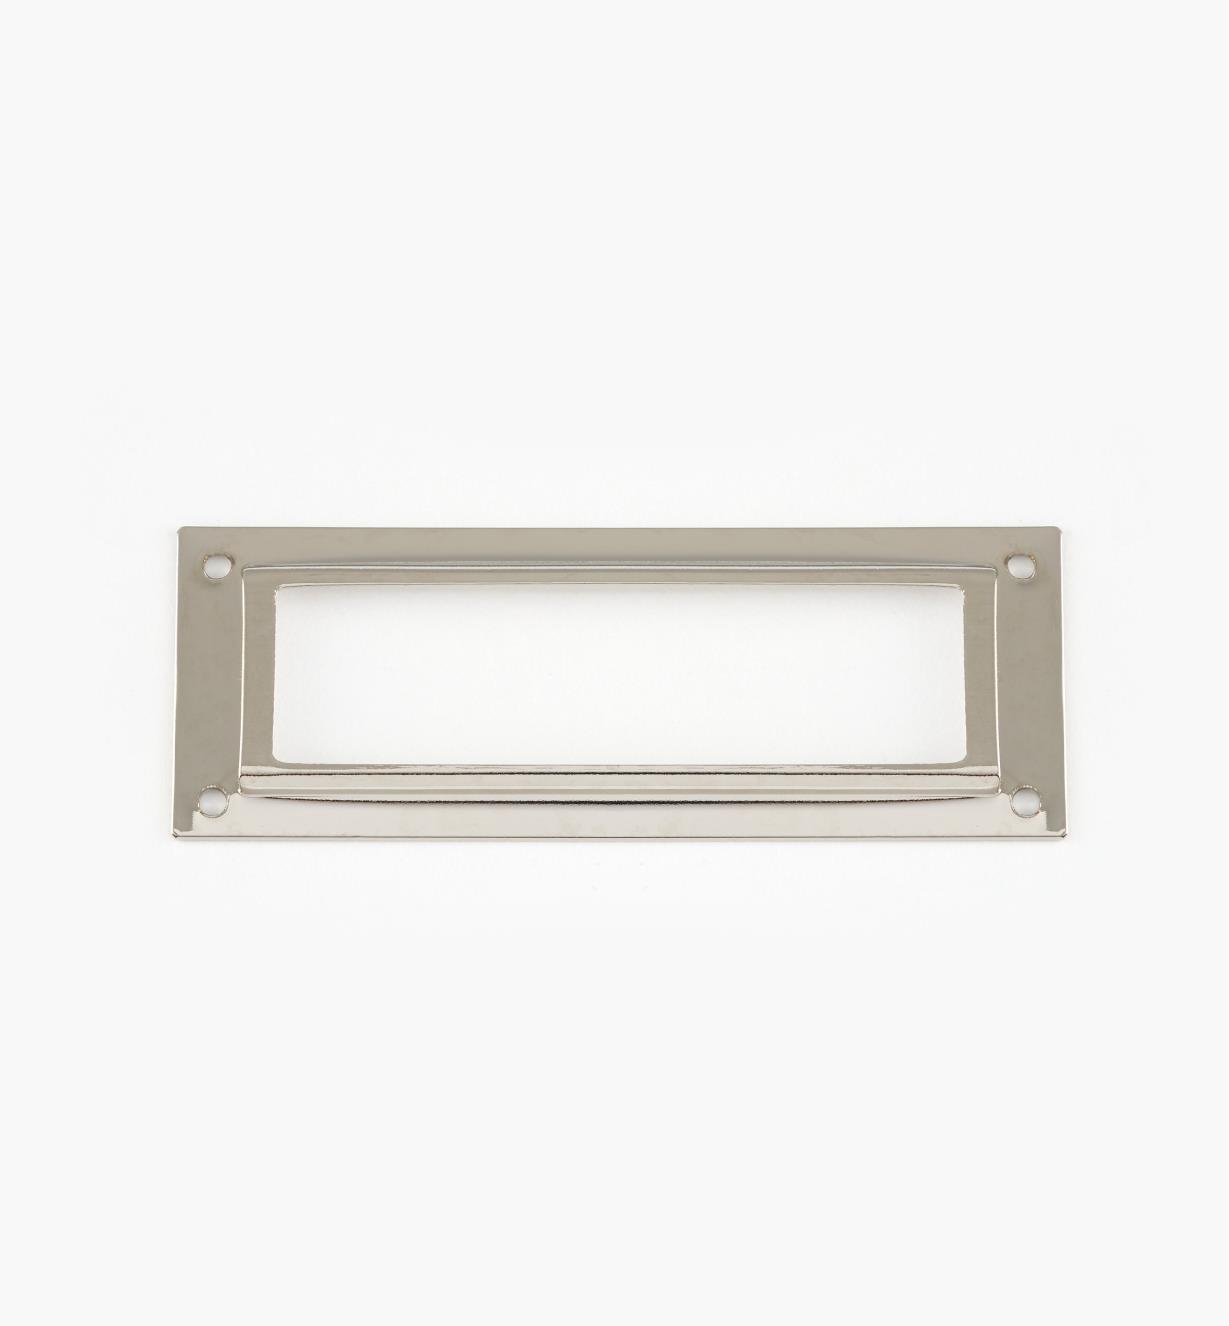 01A5791 - Porte-étiquette en laiton estampé, plaqué chrome, 80 mm x 29 mm